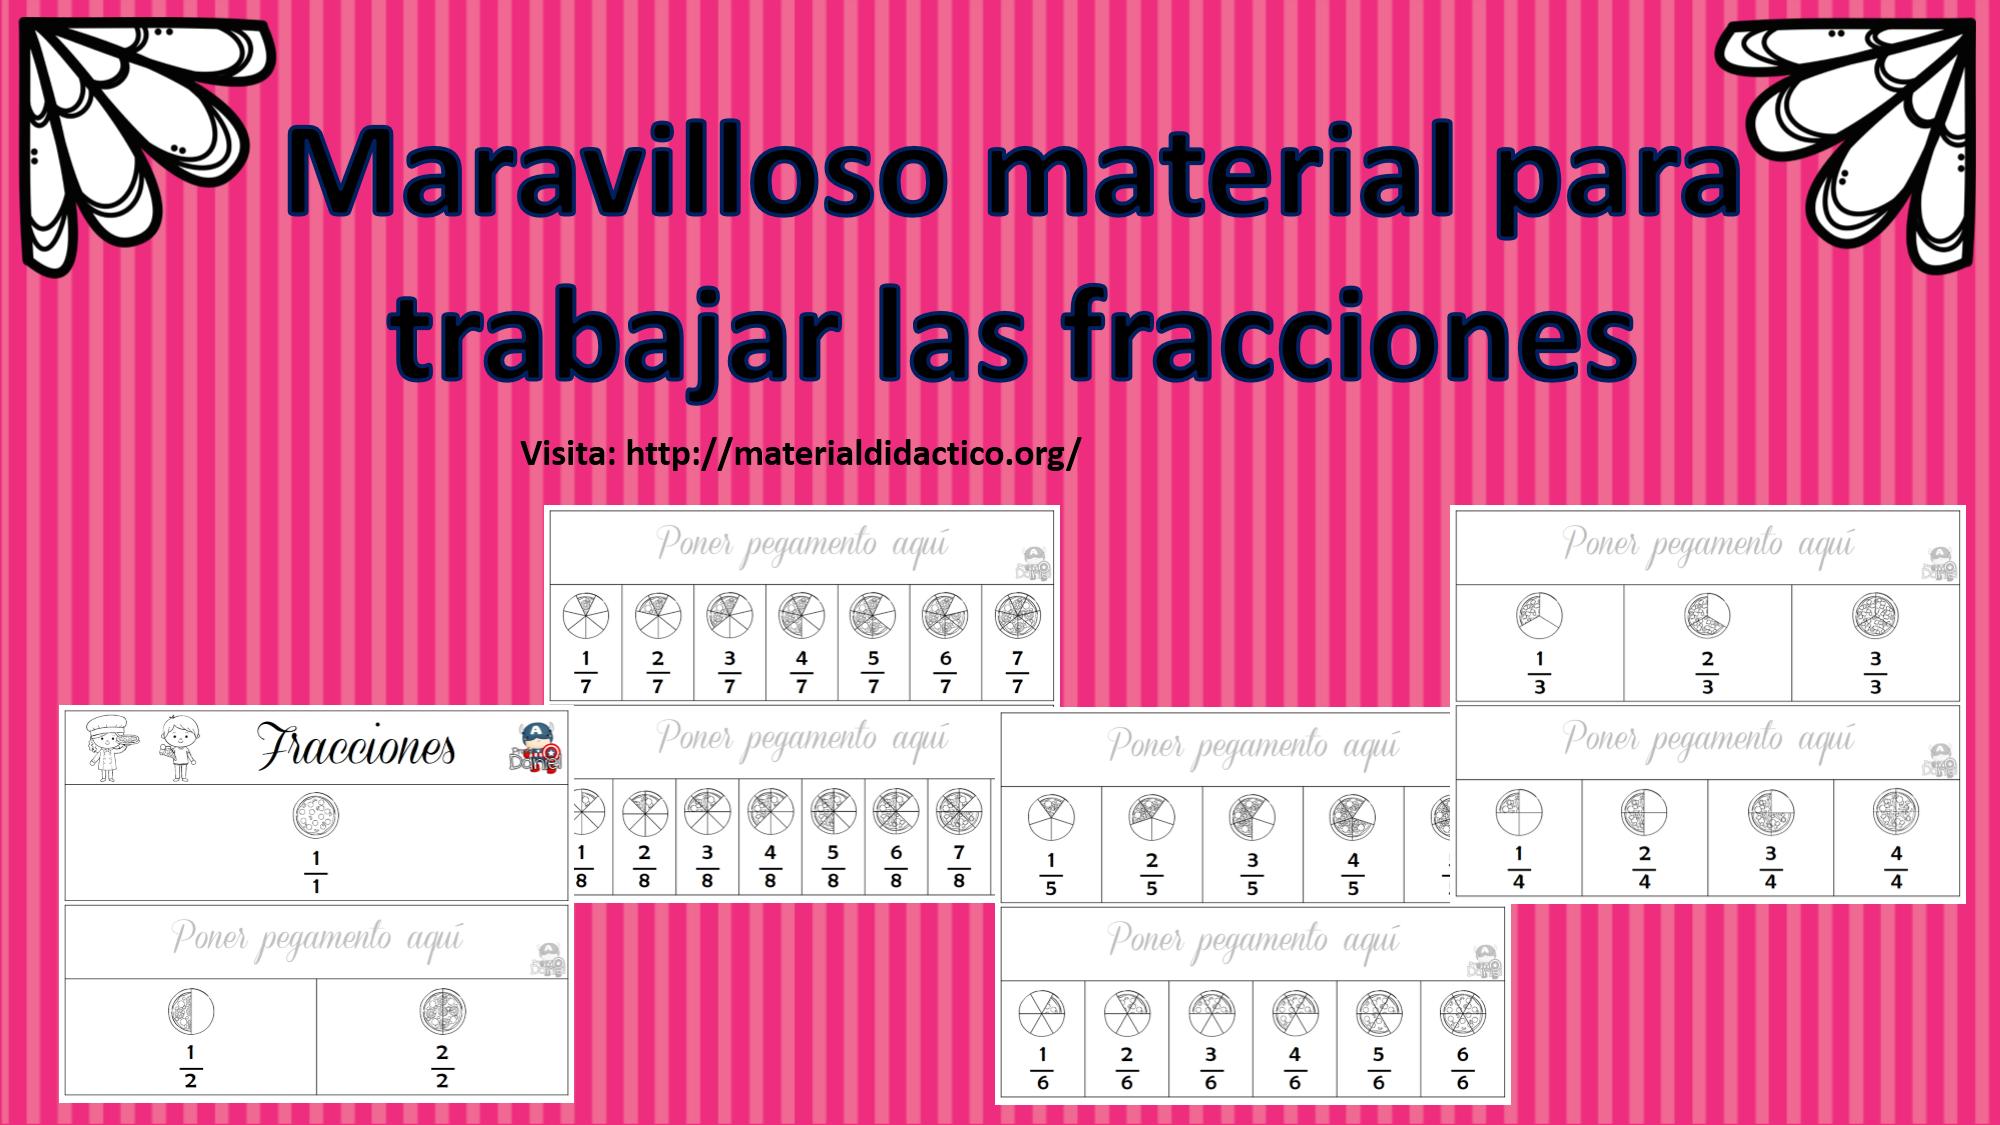 Material para trabajar fracciones